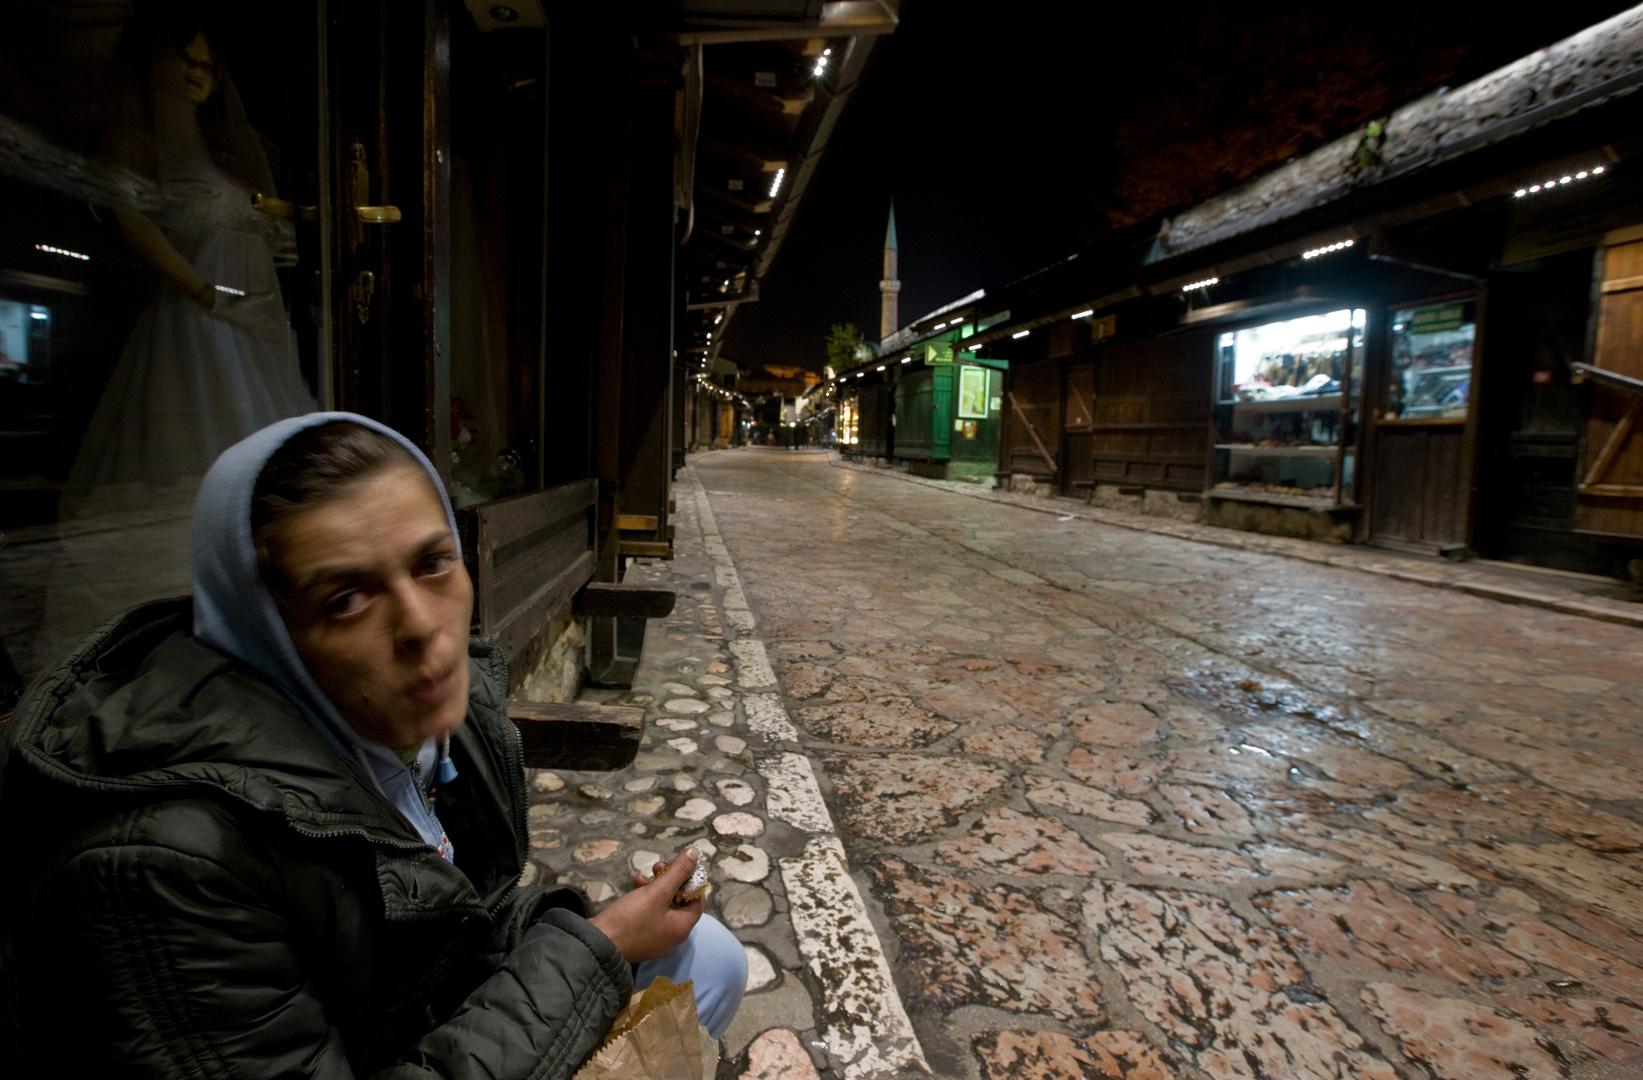 SARAJEVO-BOSNIEN die Bettlerin in der Nacht.